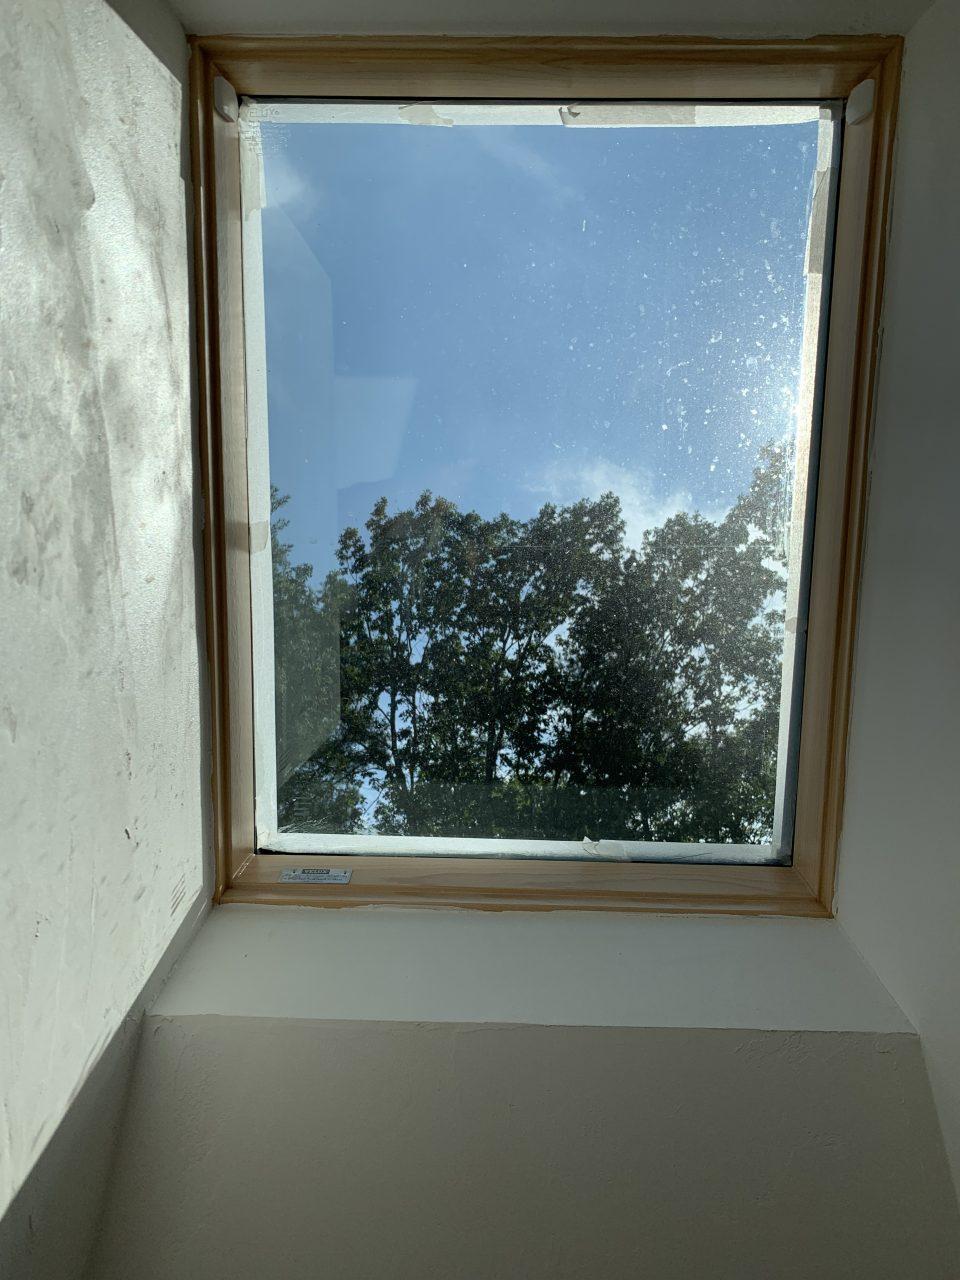 天窓からは空と森の木々が見える。